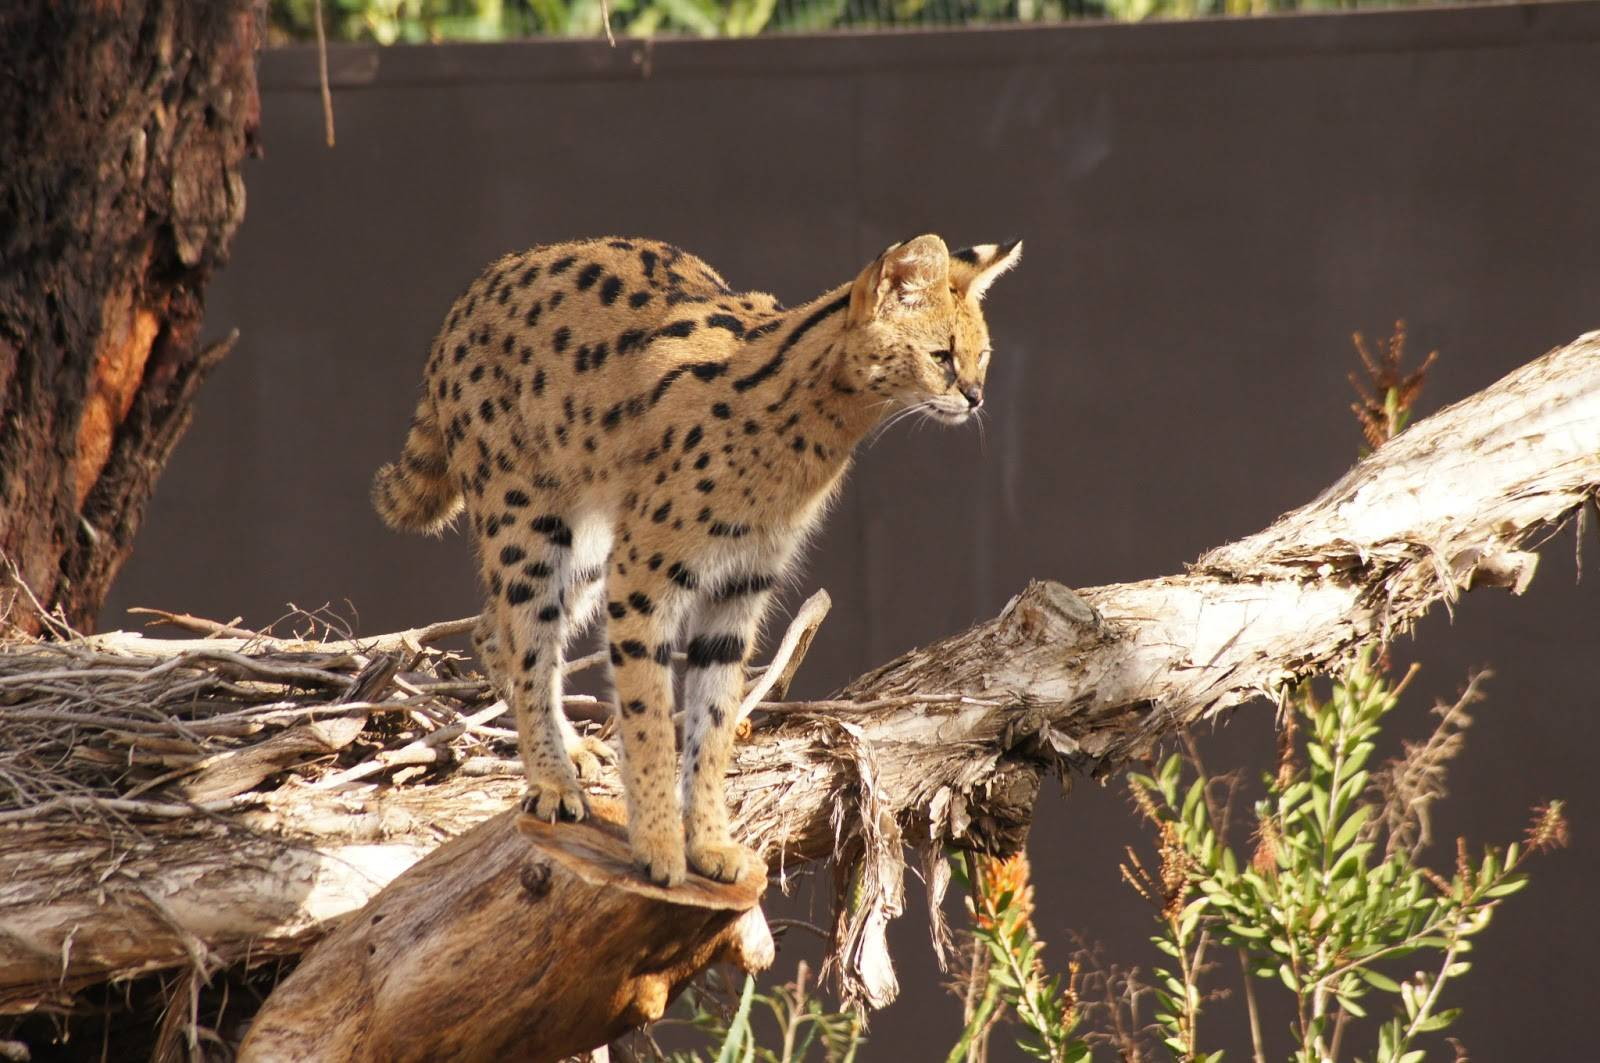 Сервал кошка. образ жизни и среда обитания кошки сервал | животный мир